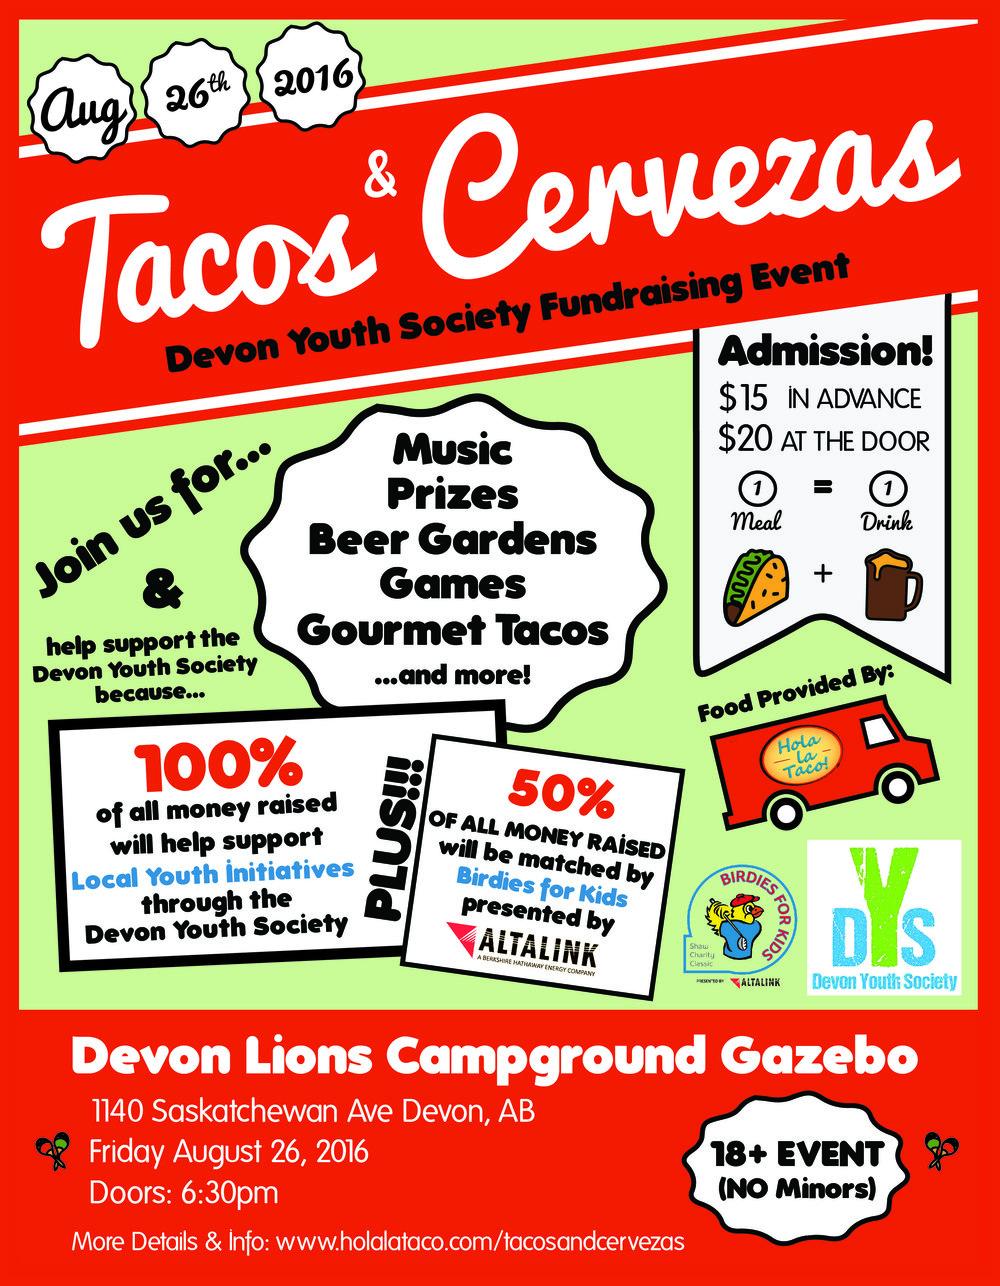 Tacos & Cervezas Event Poster V3-01.jpg